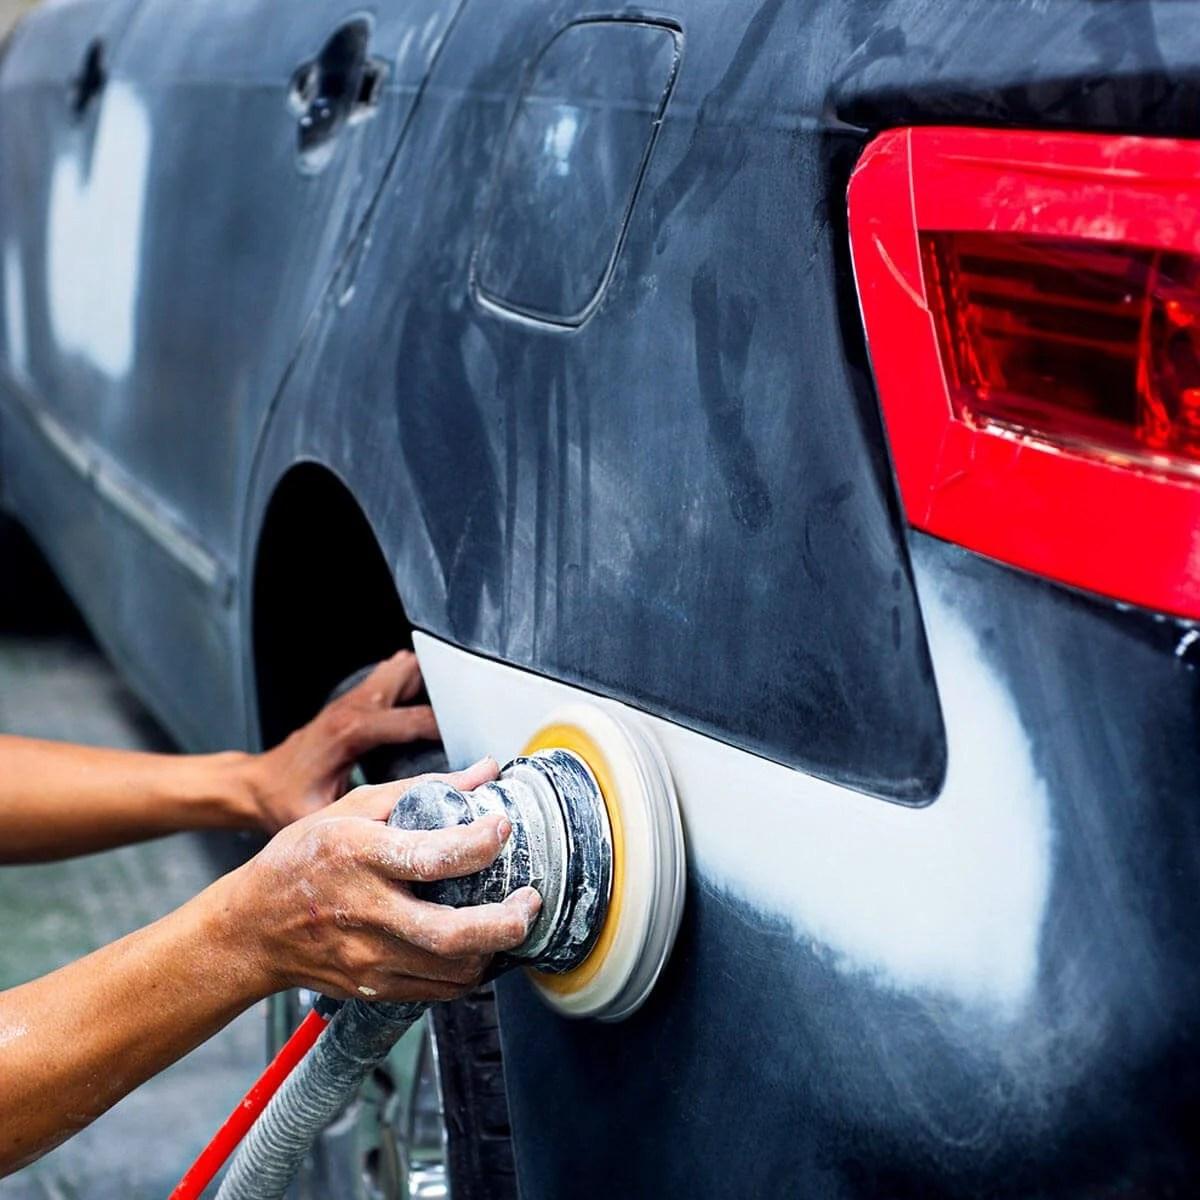 11 Great Tips For Diy Car Body Repair The Family Handyman